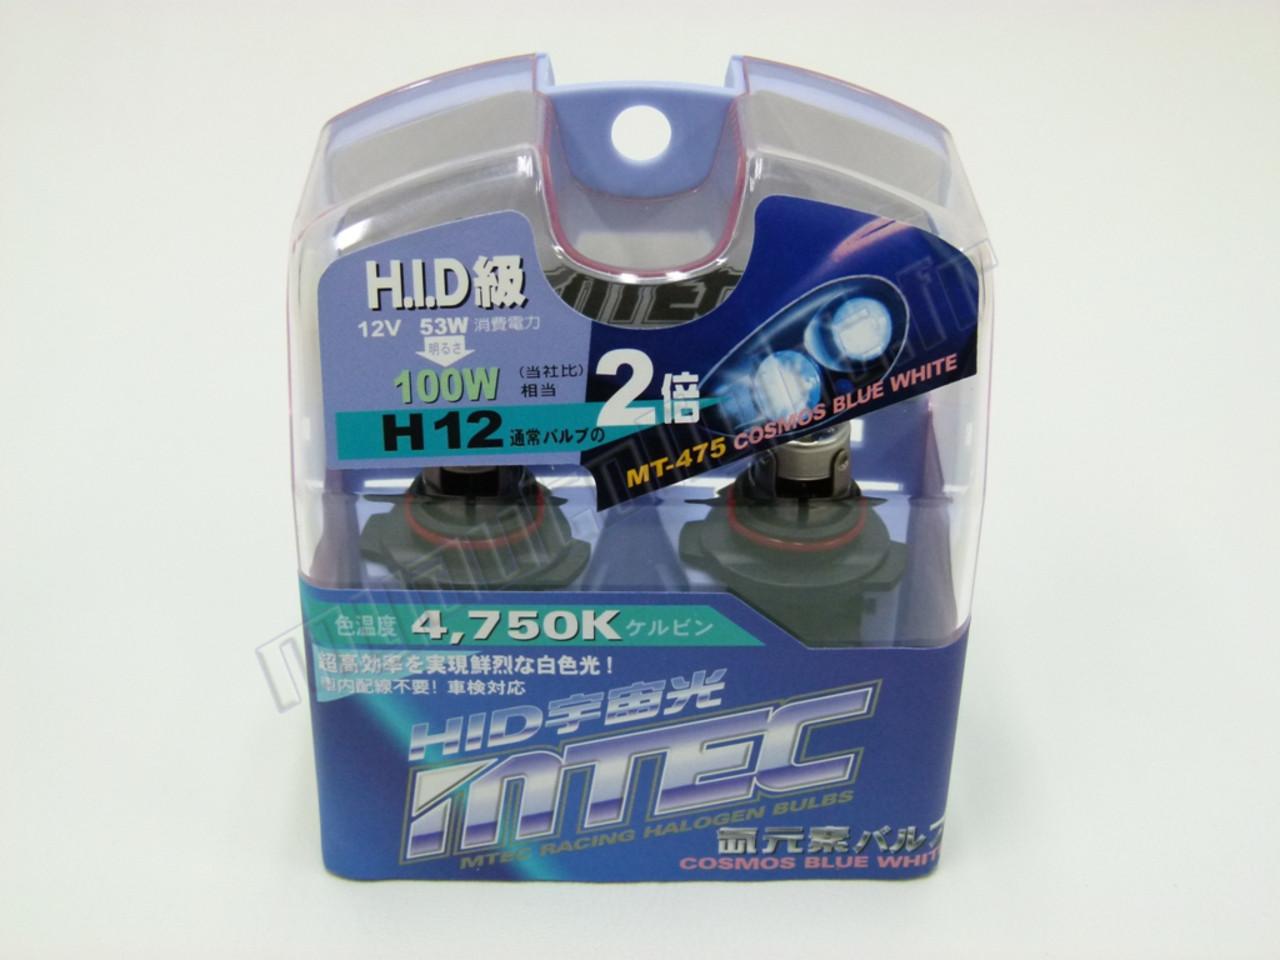 ampoules xenon effect mtec cosmos blue h12 53w pour feux phares auto moto. Black Bedroom Furniture Sets. Home Design Ideas